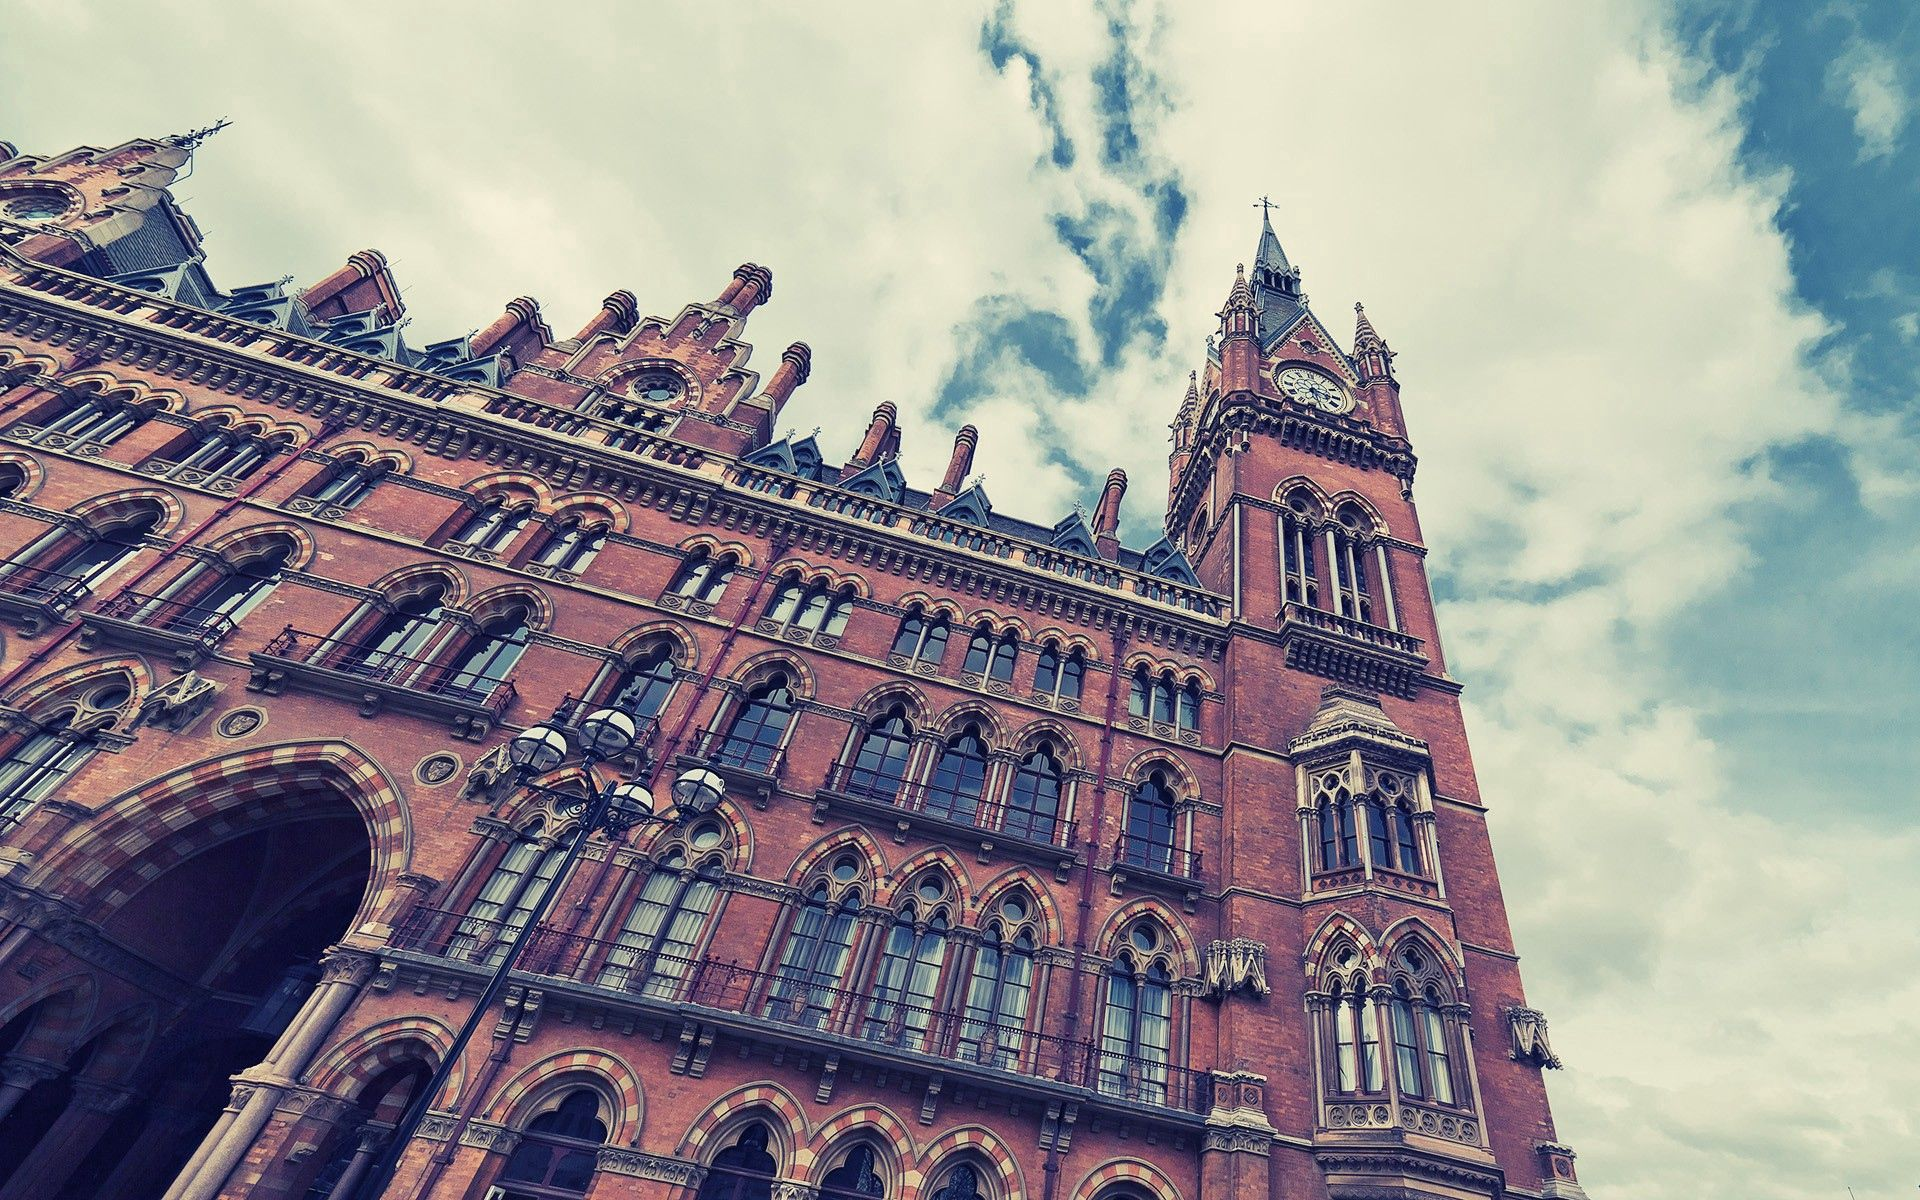 58142 скачать обои Кингс Кросс, Сент-Панкрас, Лондон, Здание, Небо, Облака, Стиль, Архитектура, Города - заставки и картинки бесплатно